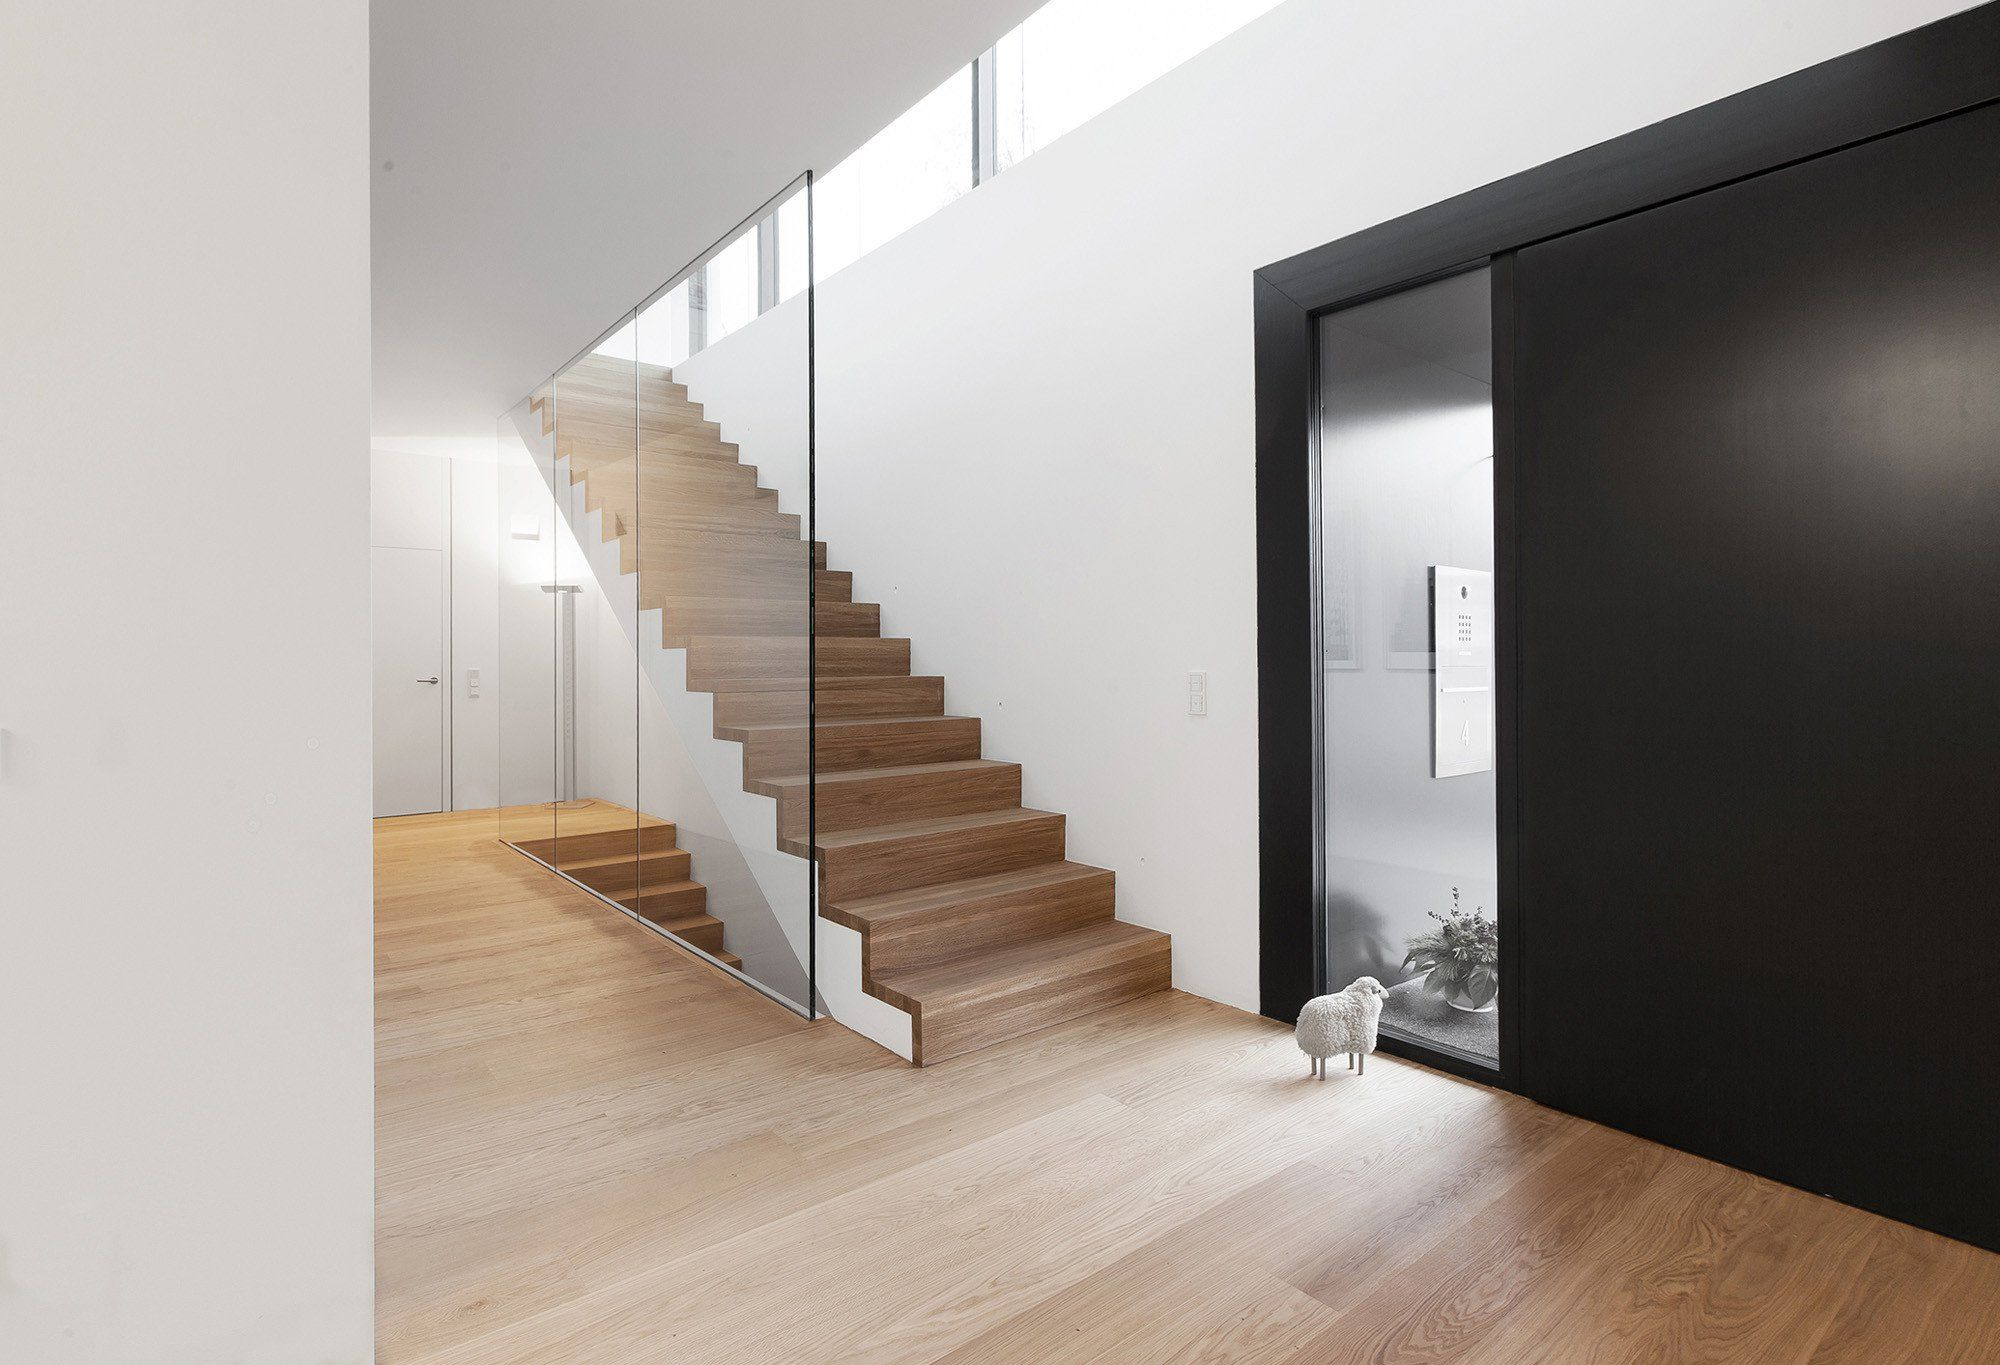 Eingang und Treppe: Eichenholzdielen als warmer Kontrast zu viel Weiß und Glas #eingangsbereichhausinnen